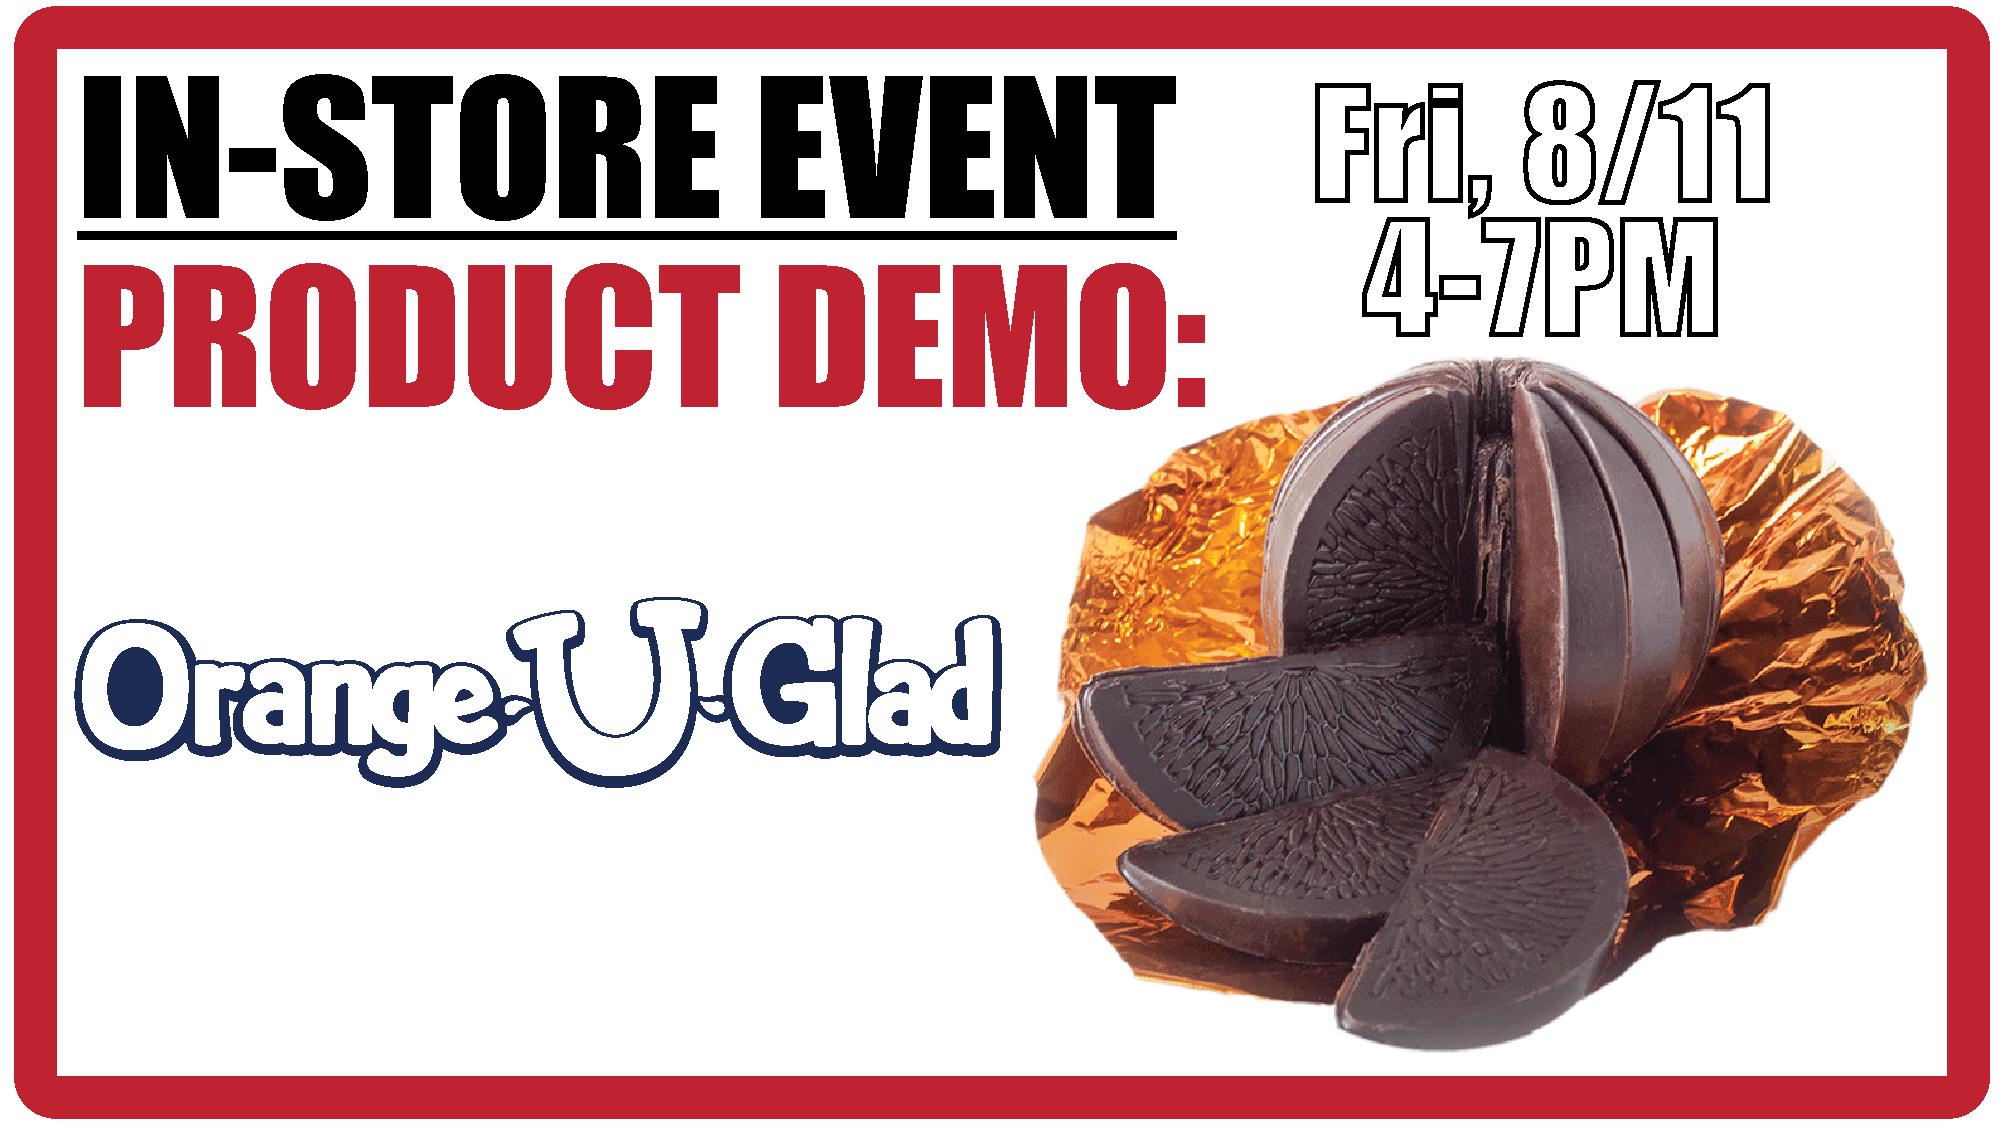 Product Demonstrations Summer 2017_orange-u-glad-01 (1).png